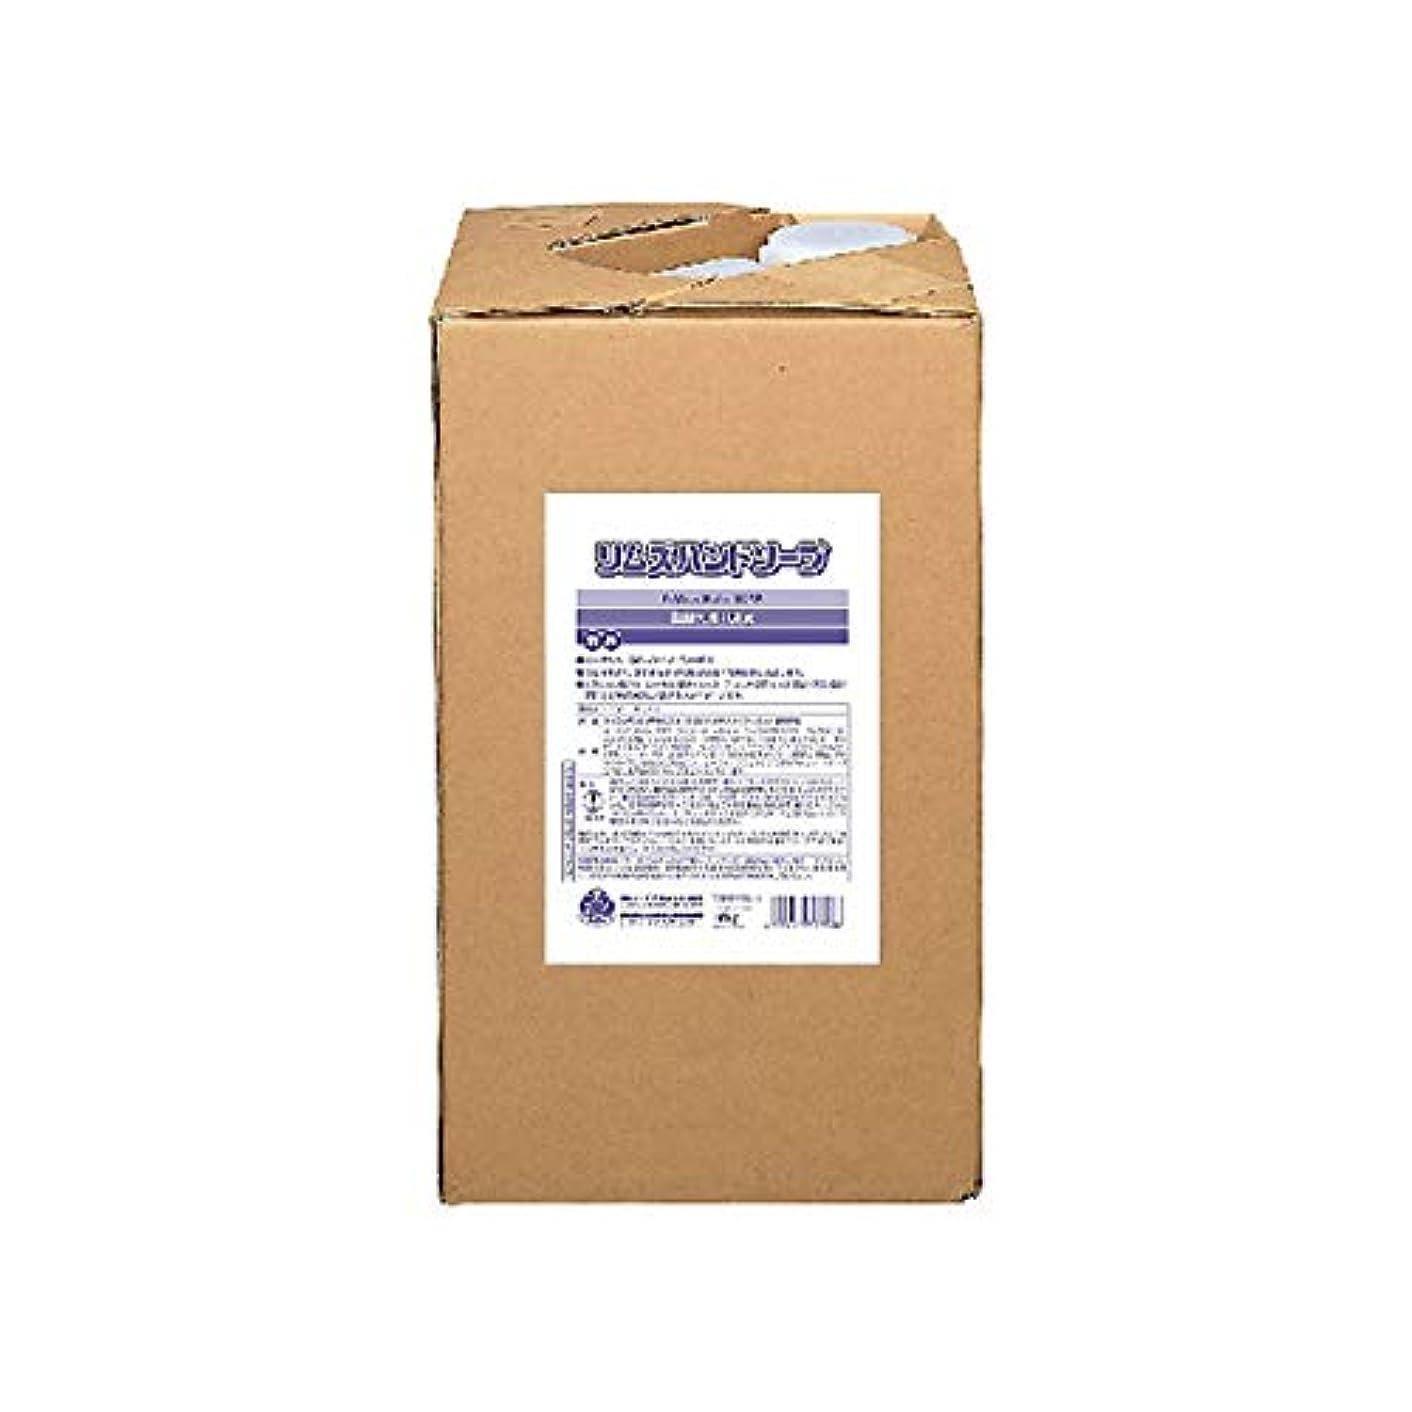 許容できるローブネックレットイチネンケミカルズ:リムズハンドソープ 詰替用 16kg 518